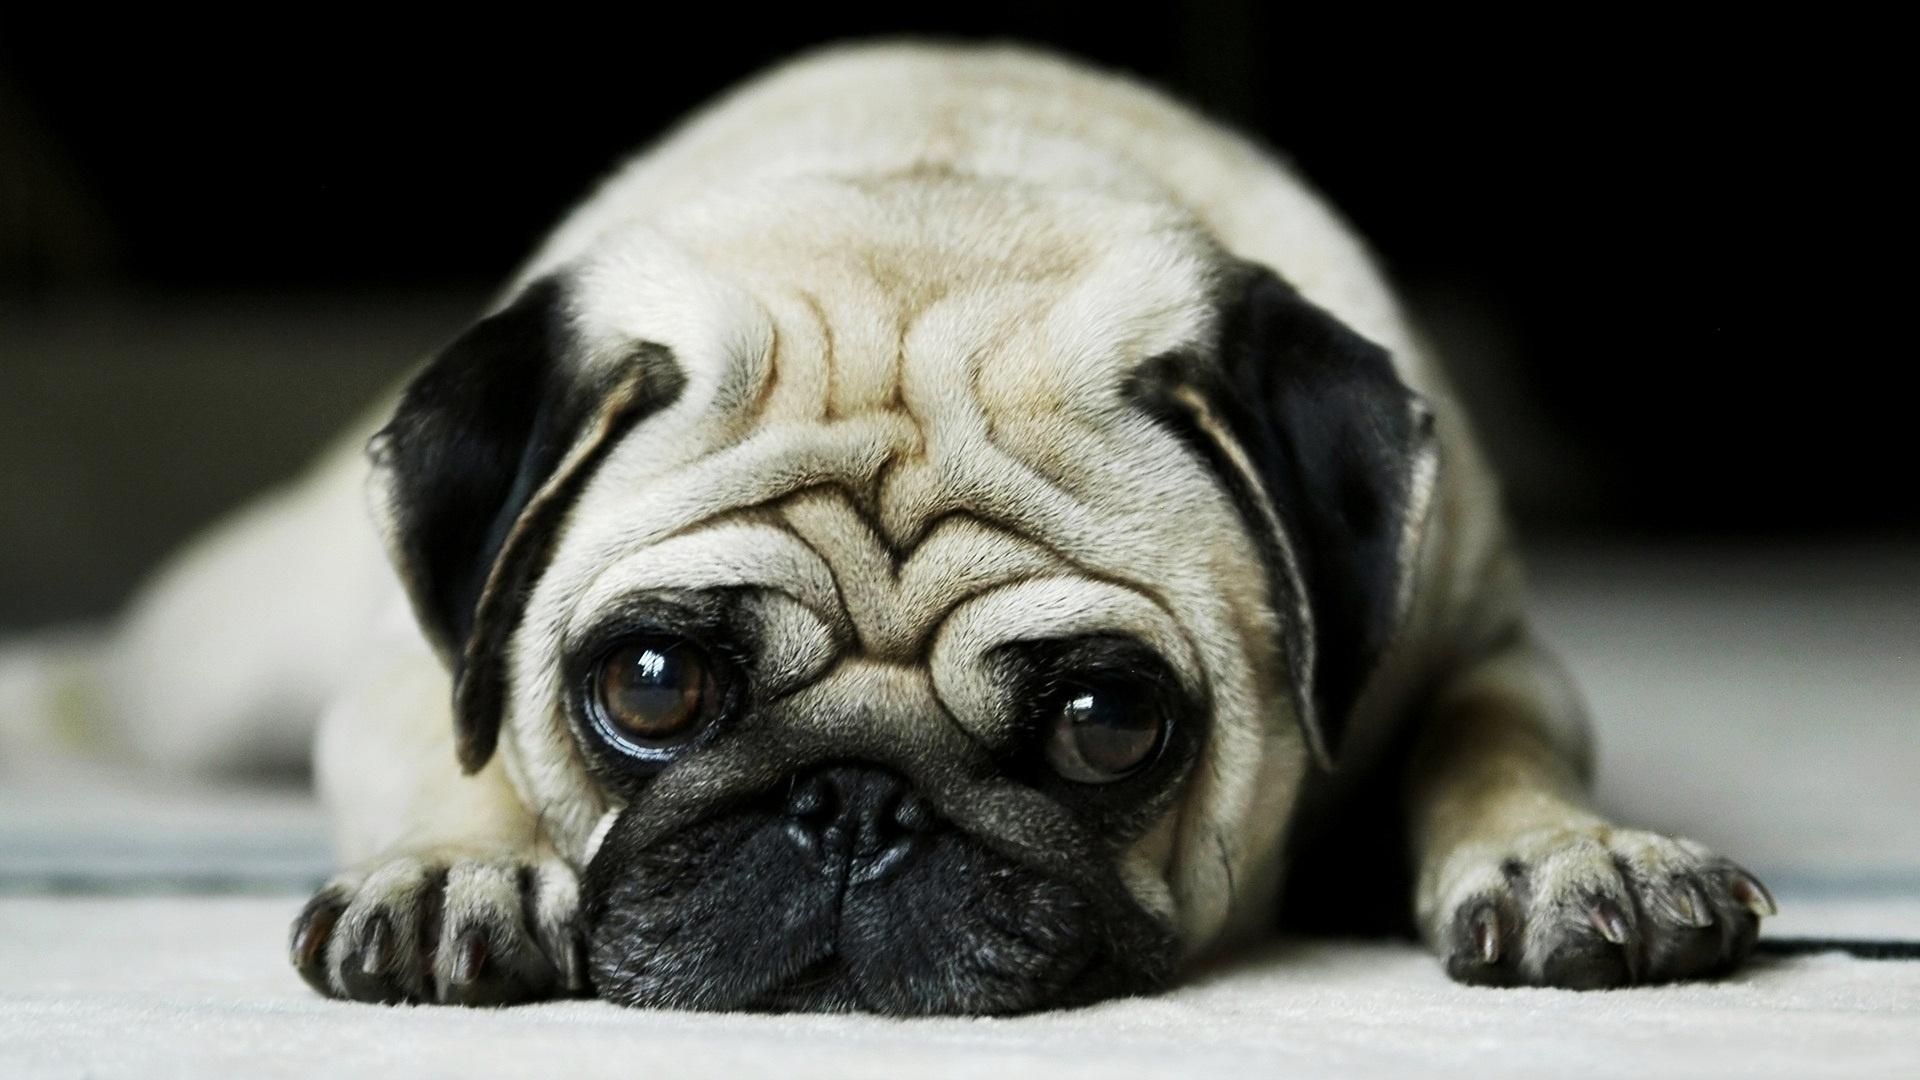 Cute Puppy Face Wallpaper